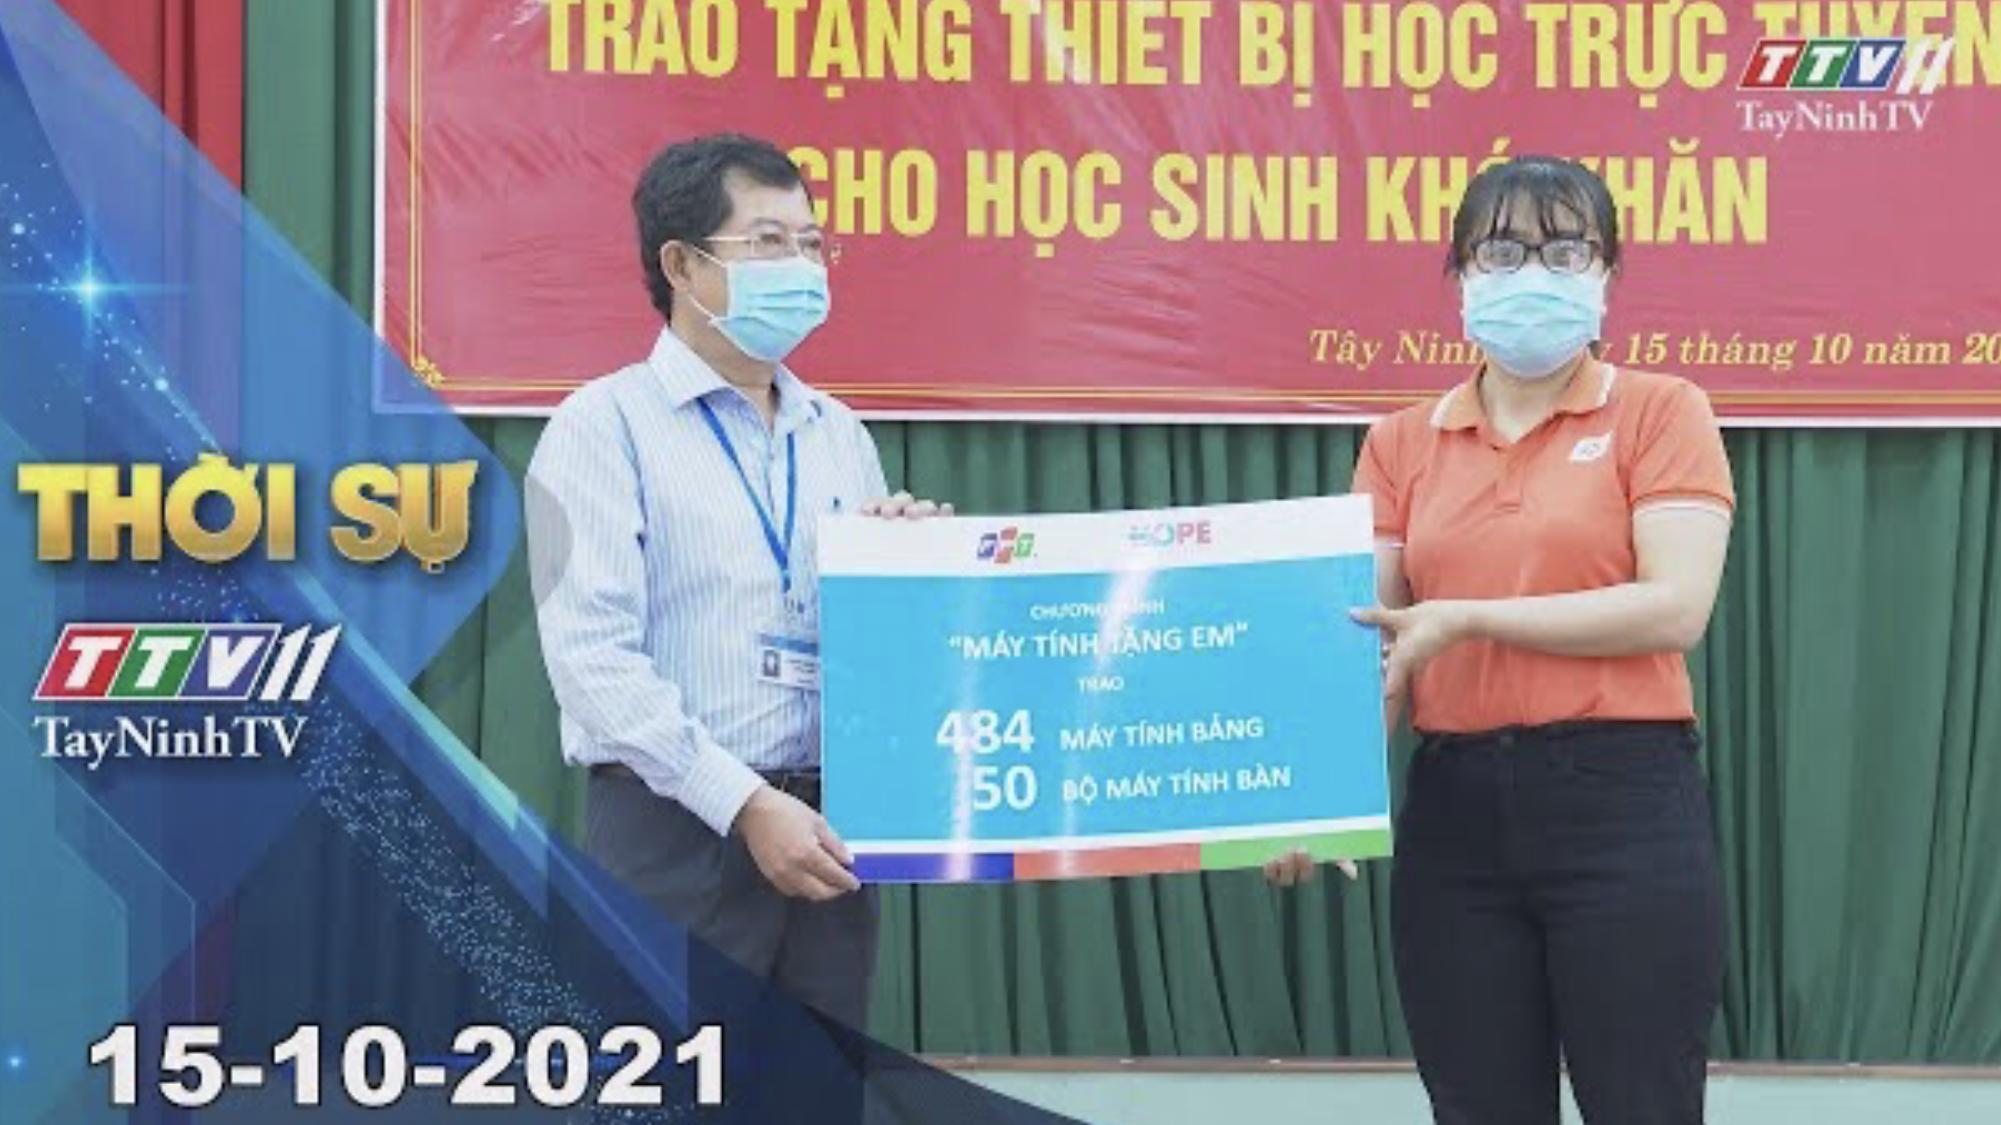 THỜI SỰ TÂY NINH 15/10/2021 | Tin tức hôm nay | TayNinhTV